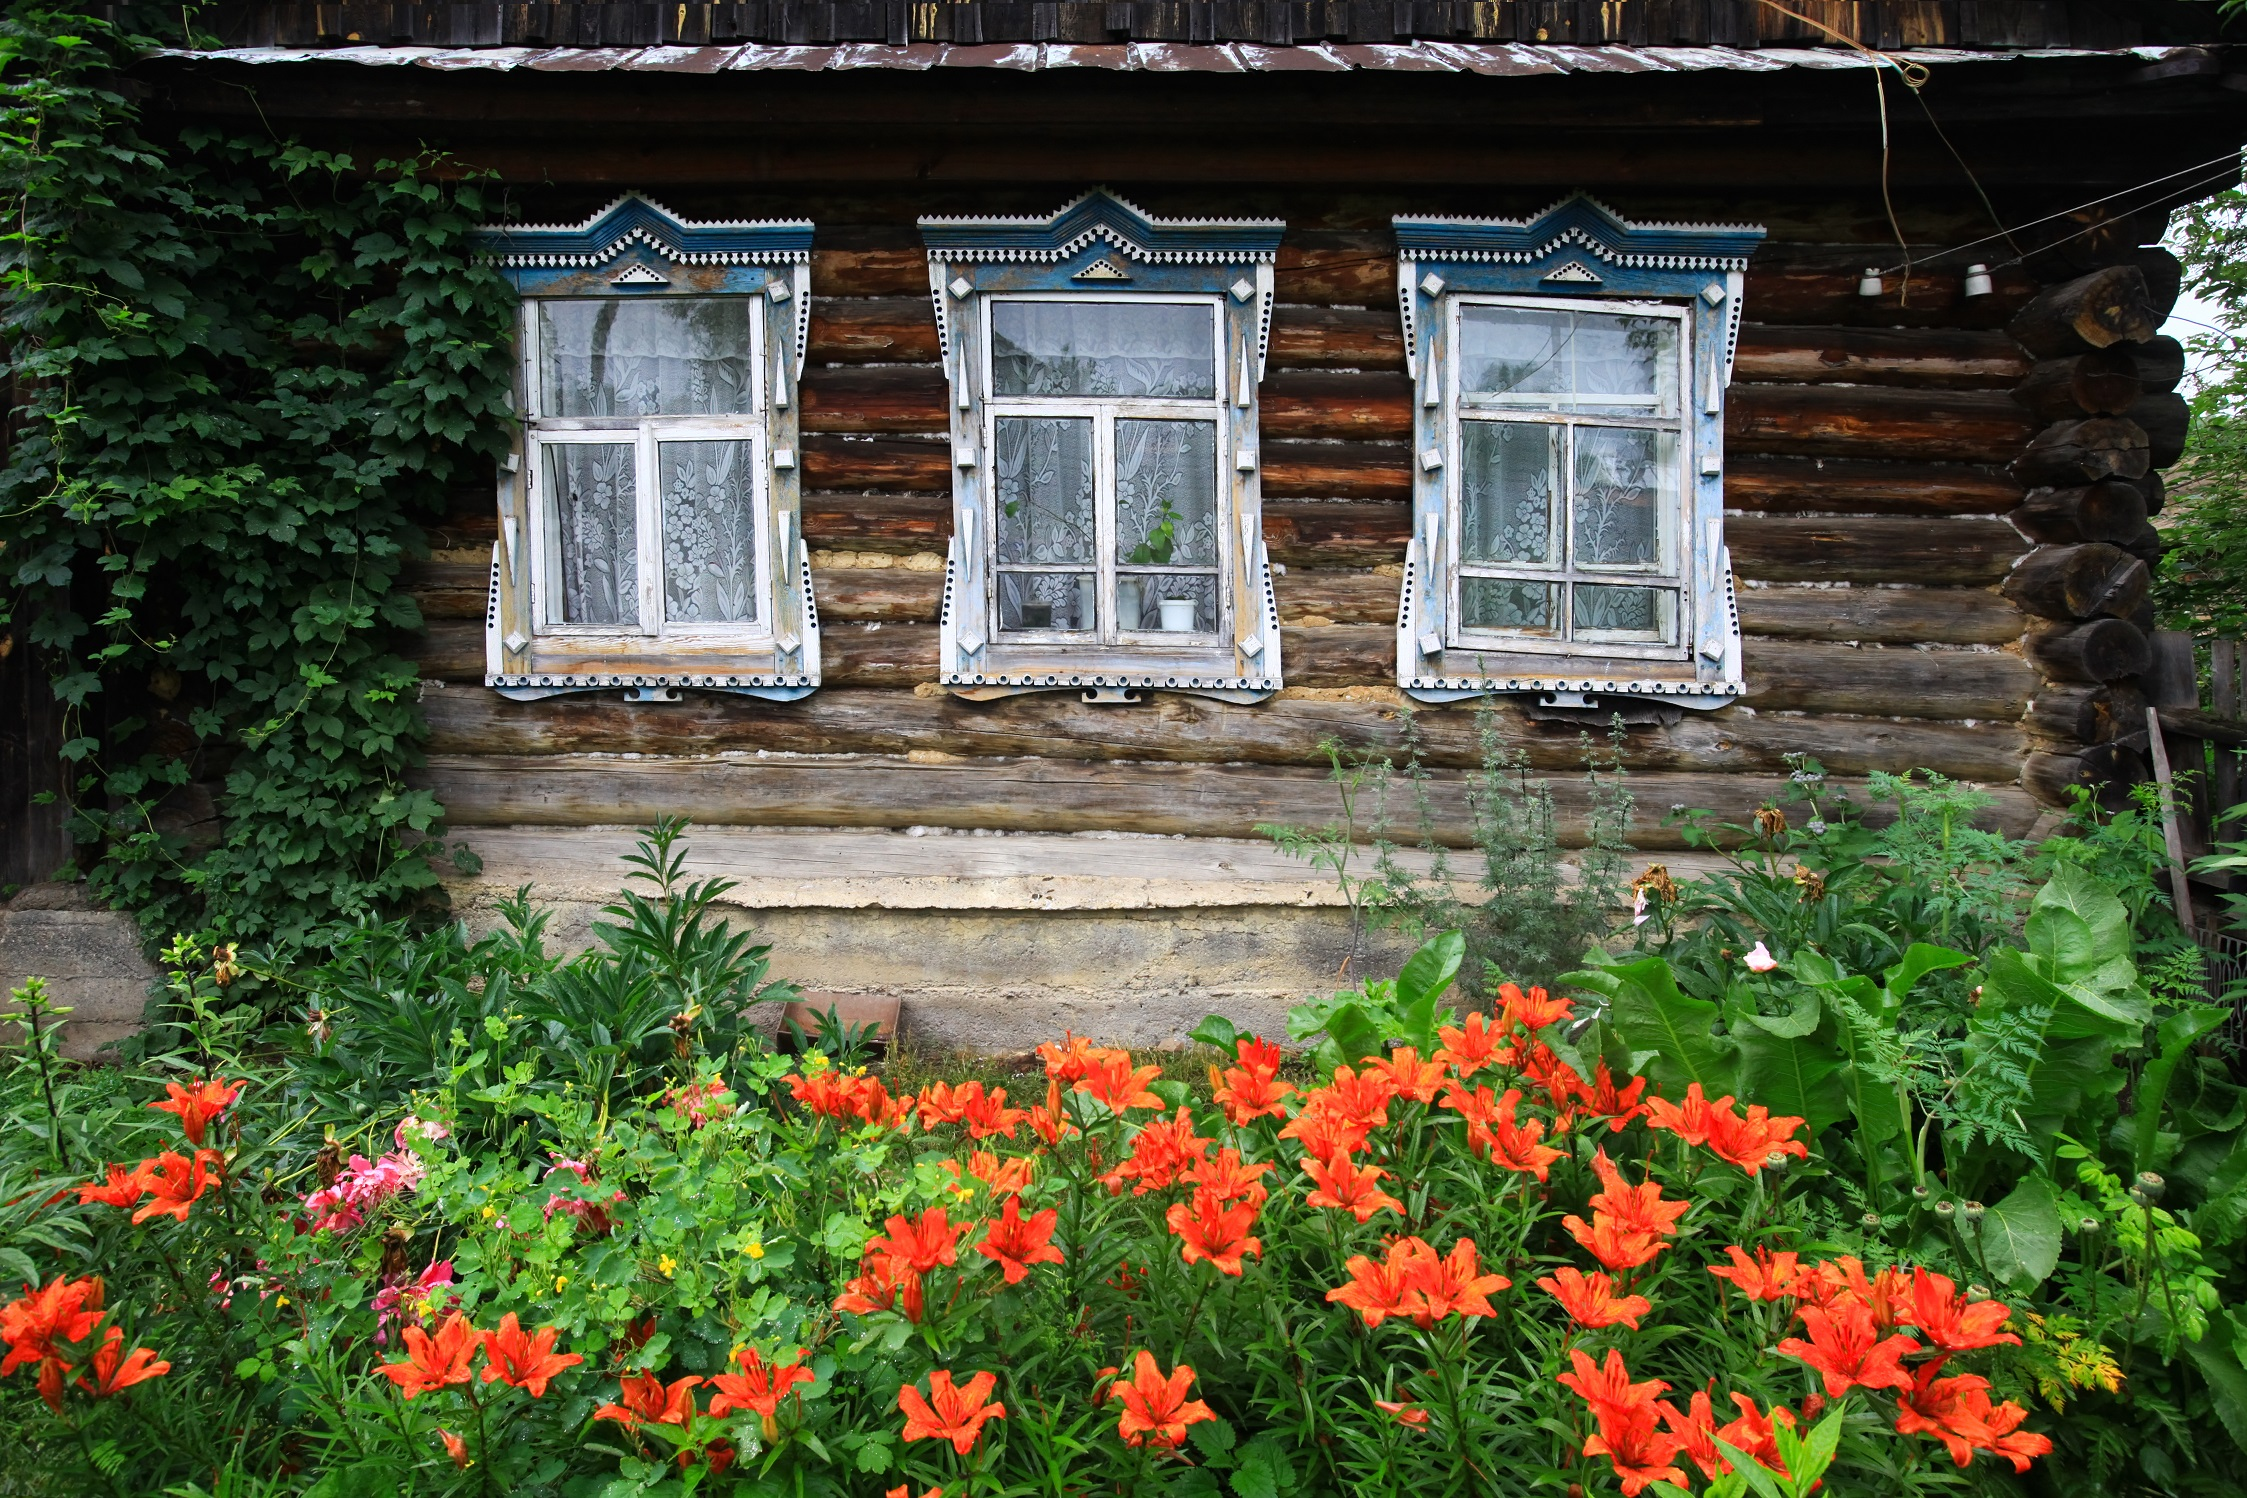 Wiejski ogród - jak urządzić ogród